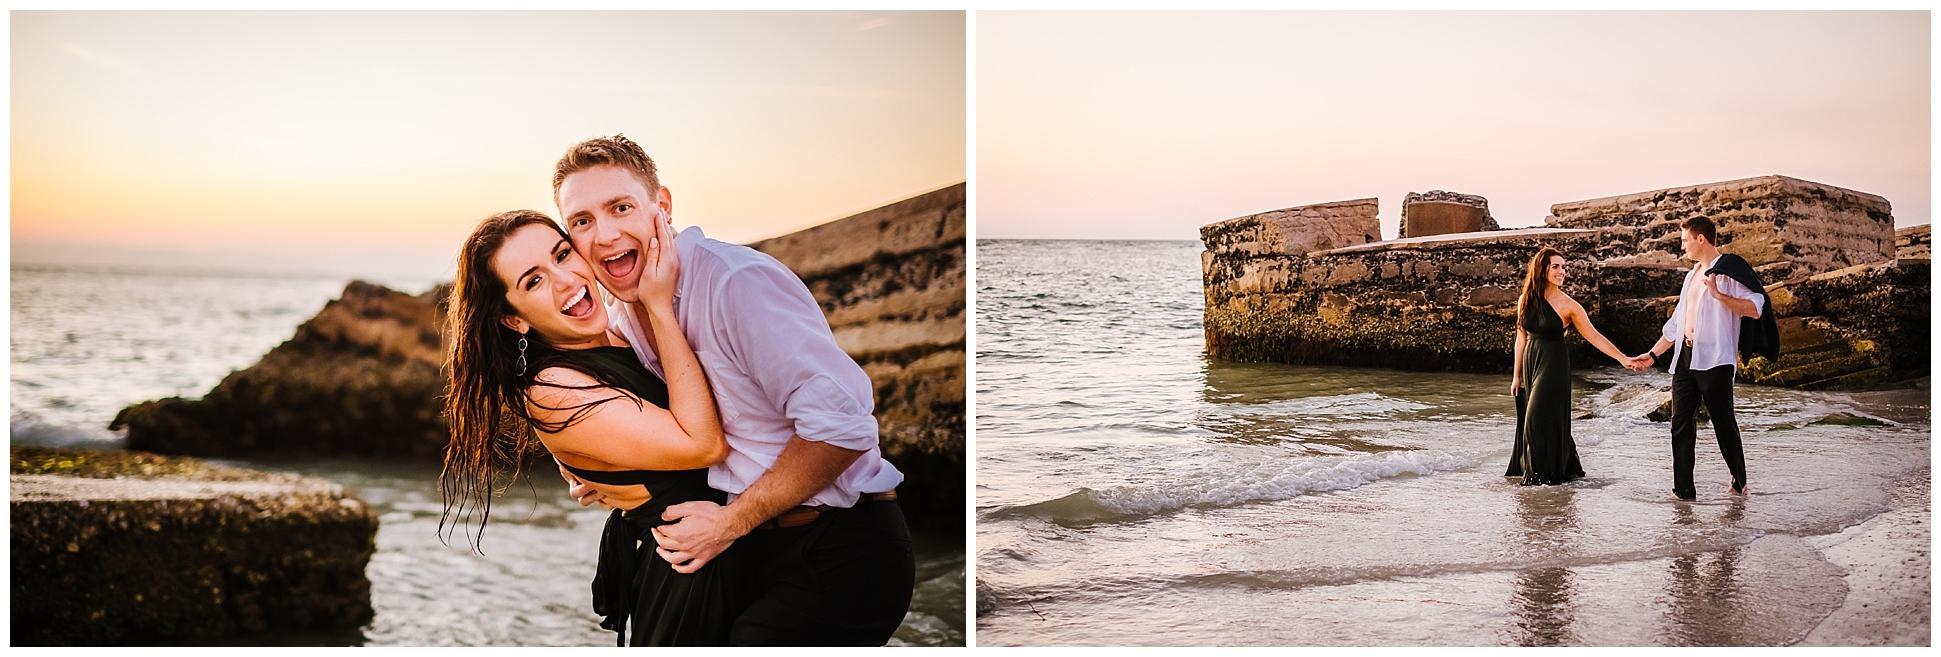 tampa-fort de soto-beach-green dress-water-love-engagement_0068.jpg